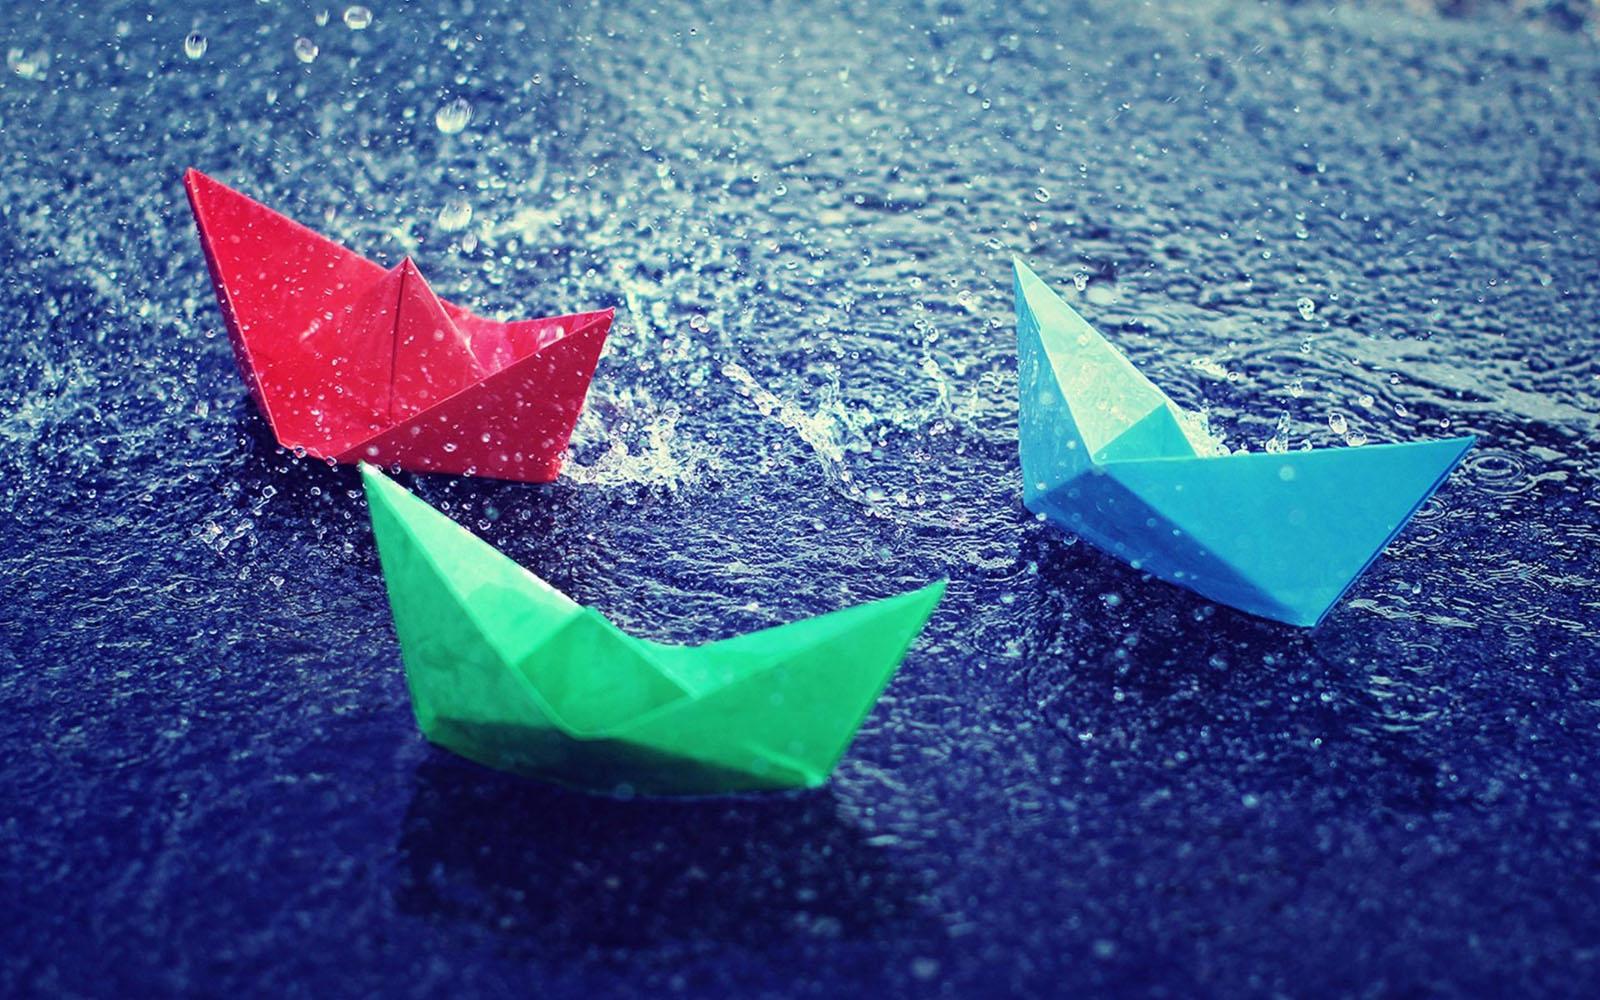 http://2.bp.blogspot.com/-XHxkk5B81J8/T4A_ckRoGaI/AAAAAAAAB50/xQTg2ngWnT8/s1600/Paper+Boats+Wallpapers+1.jpg